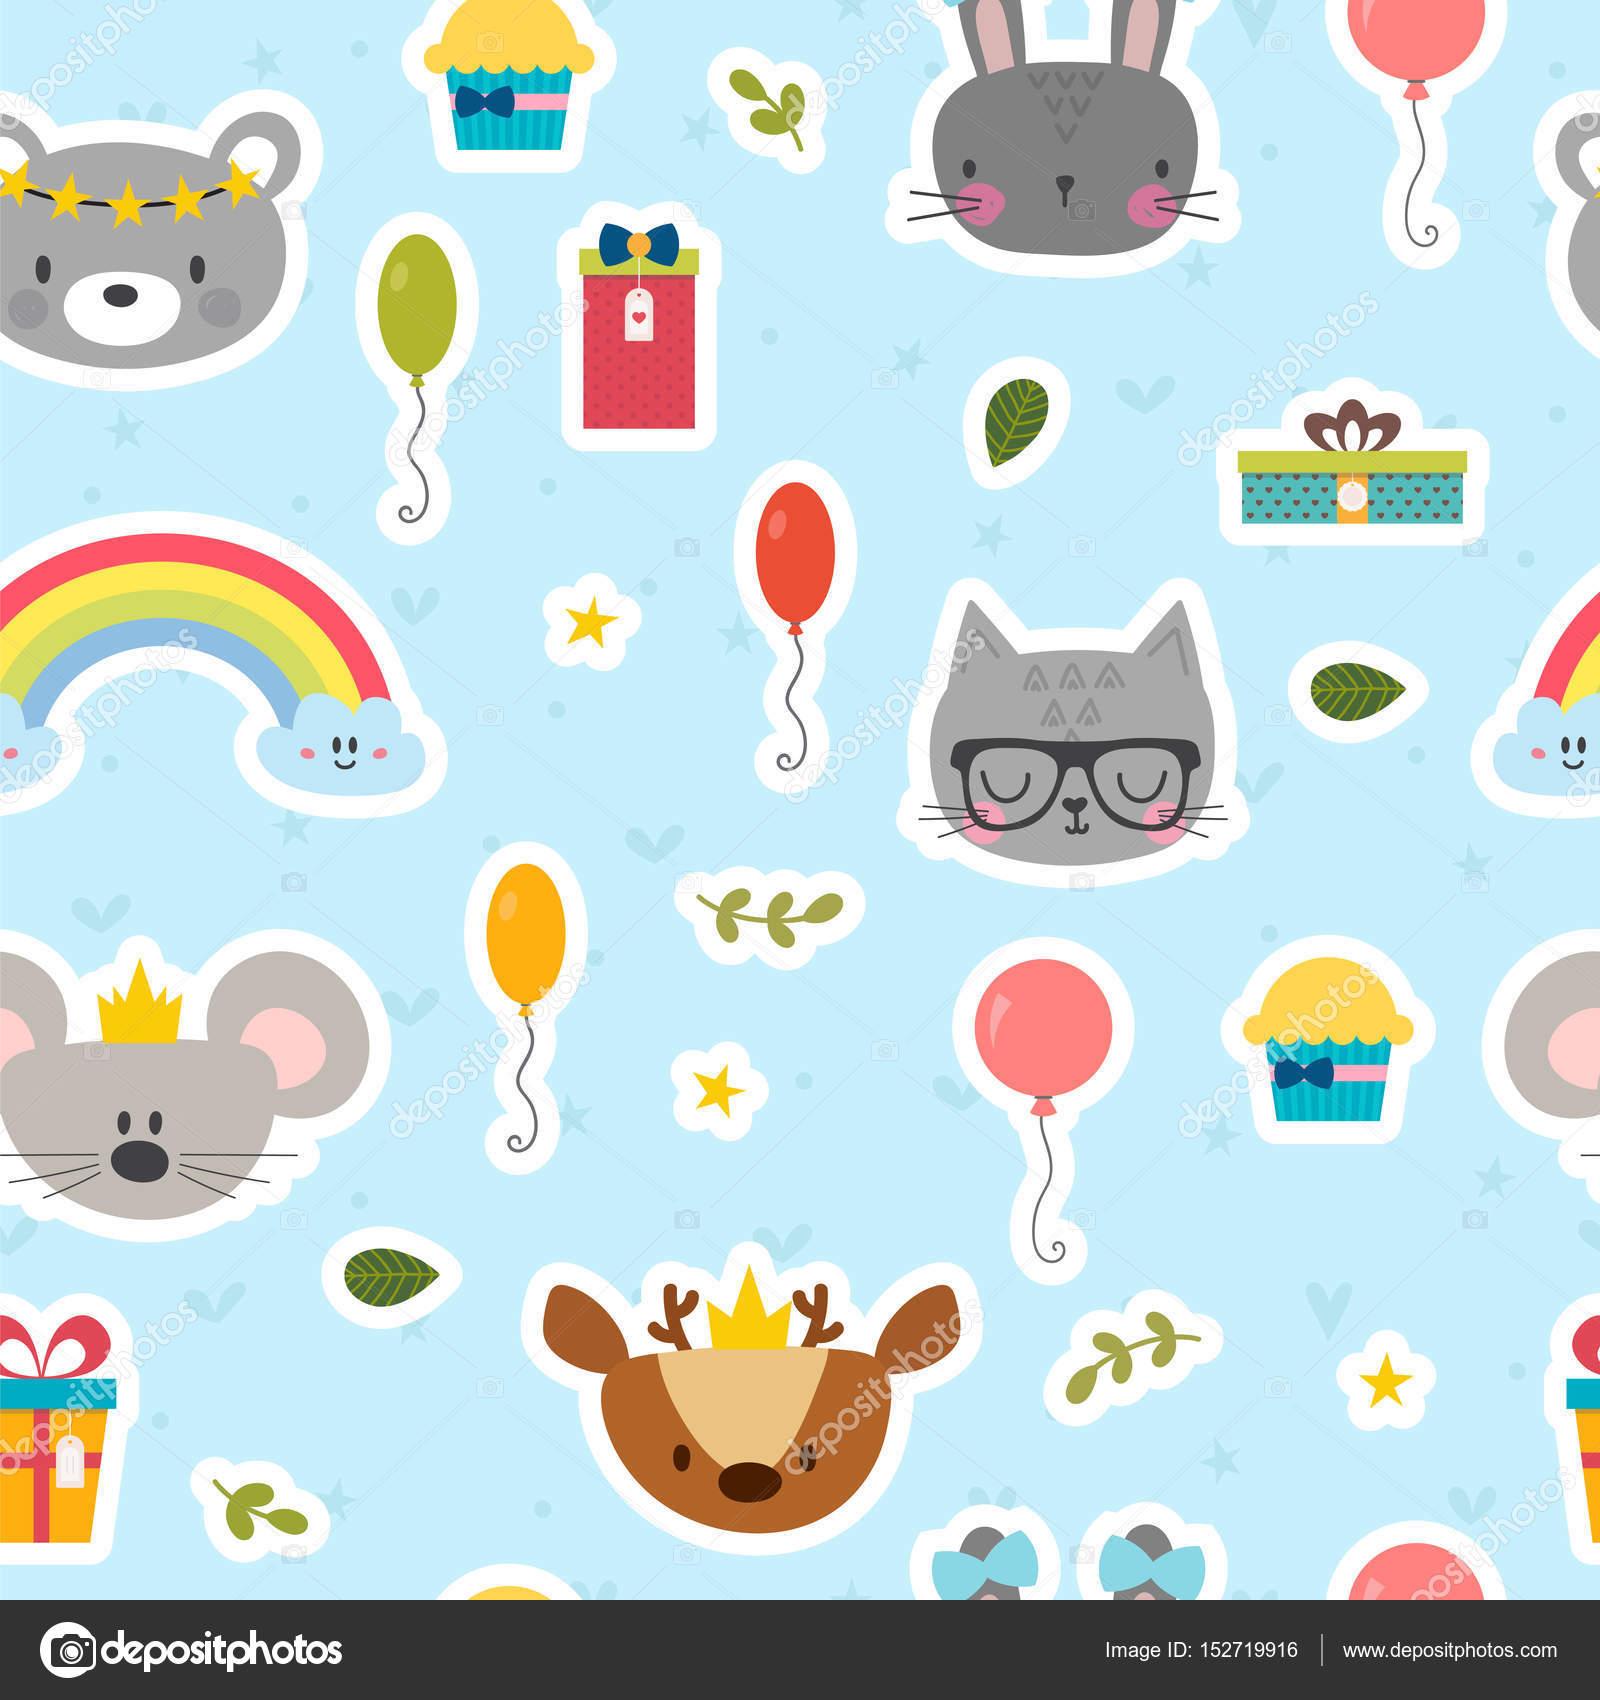 Niedliche Musterdesign Mit Comic Tiere Susser Geburtstag Hintergrund